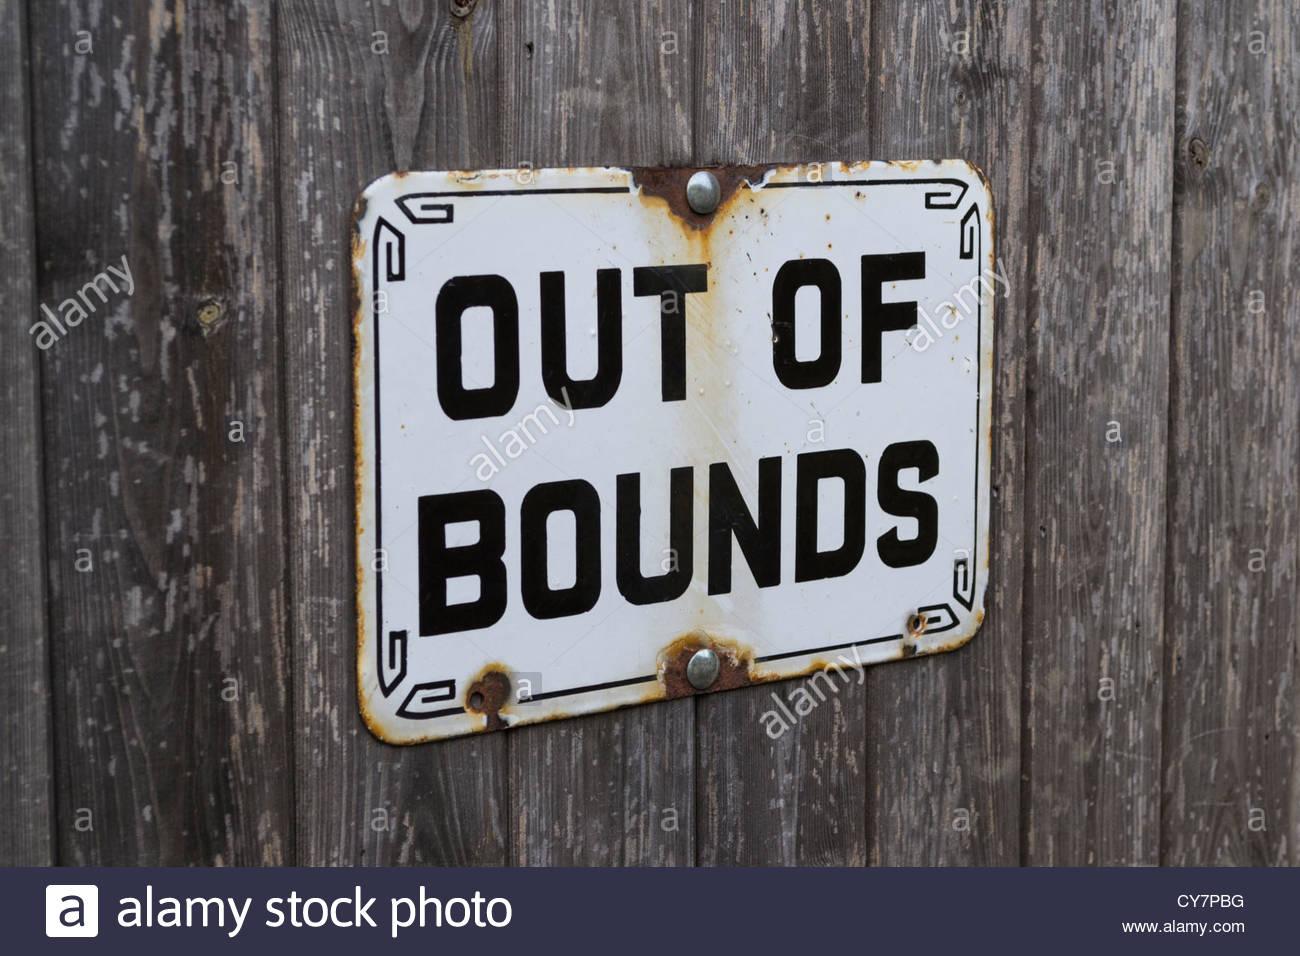 Public Domain Bounds